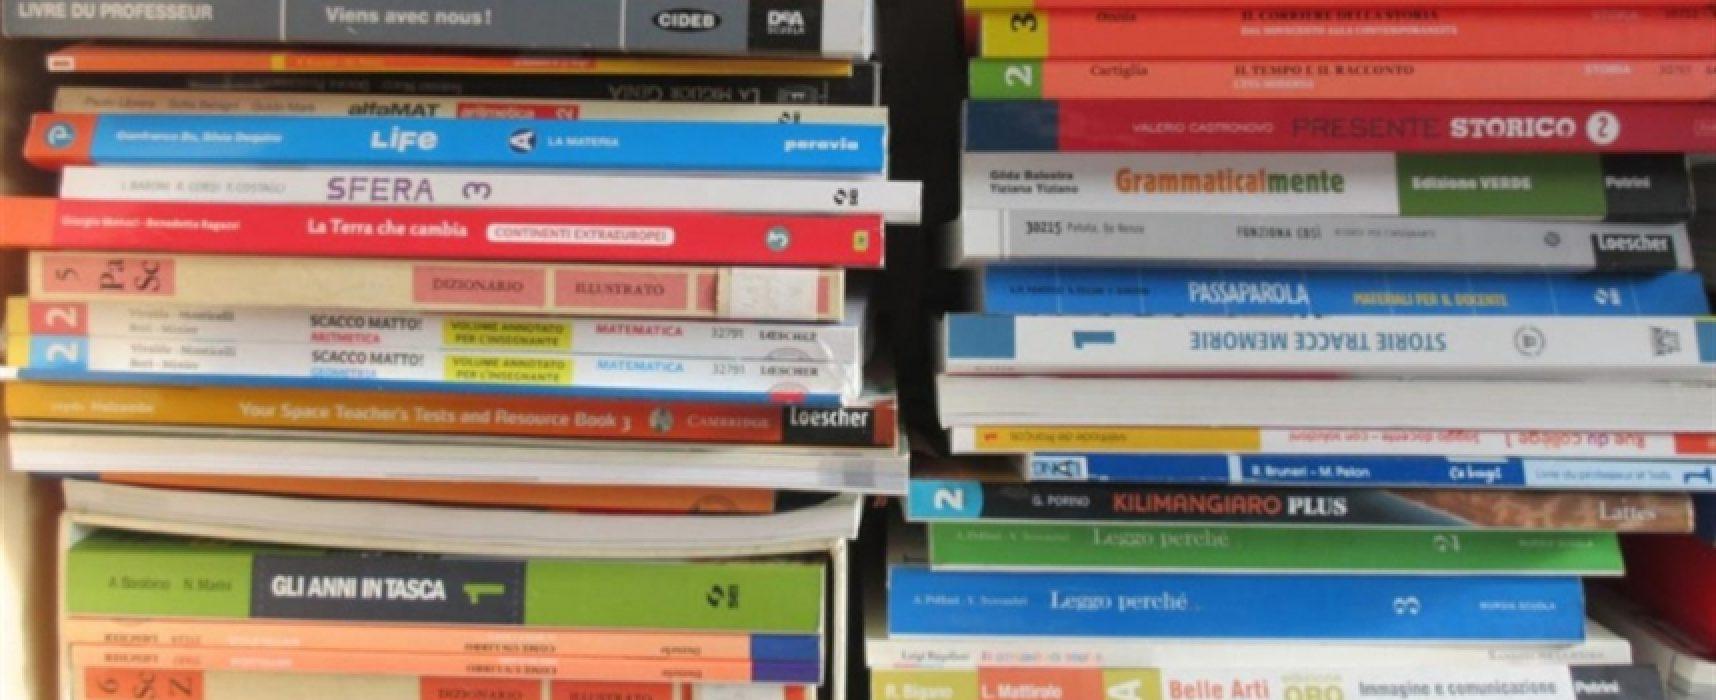 Fornitura gratuita dei libri di testo, ecco a chi spetta e come presentare domanda